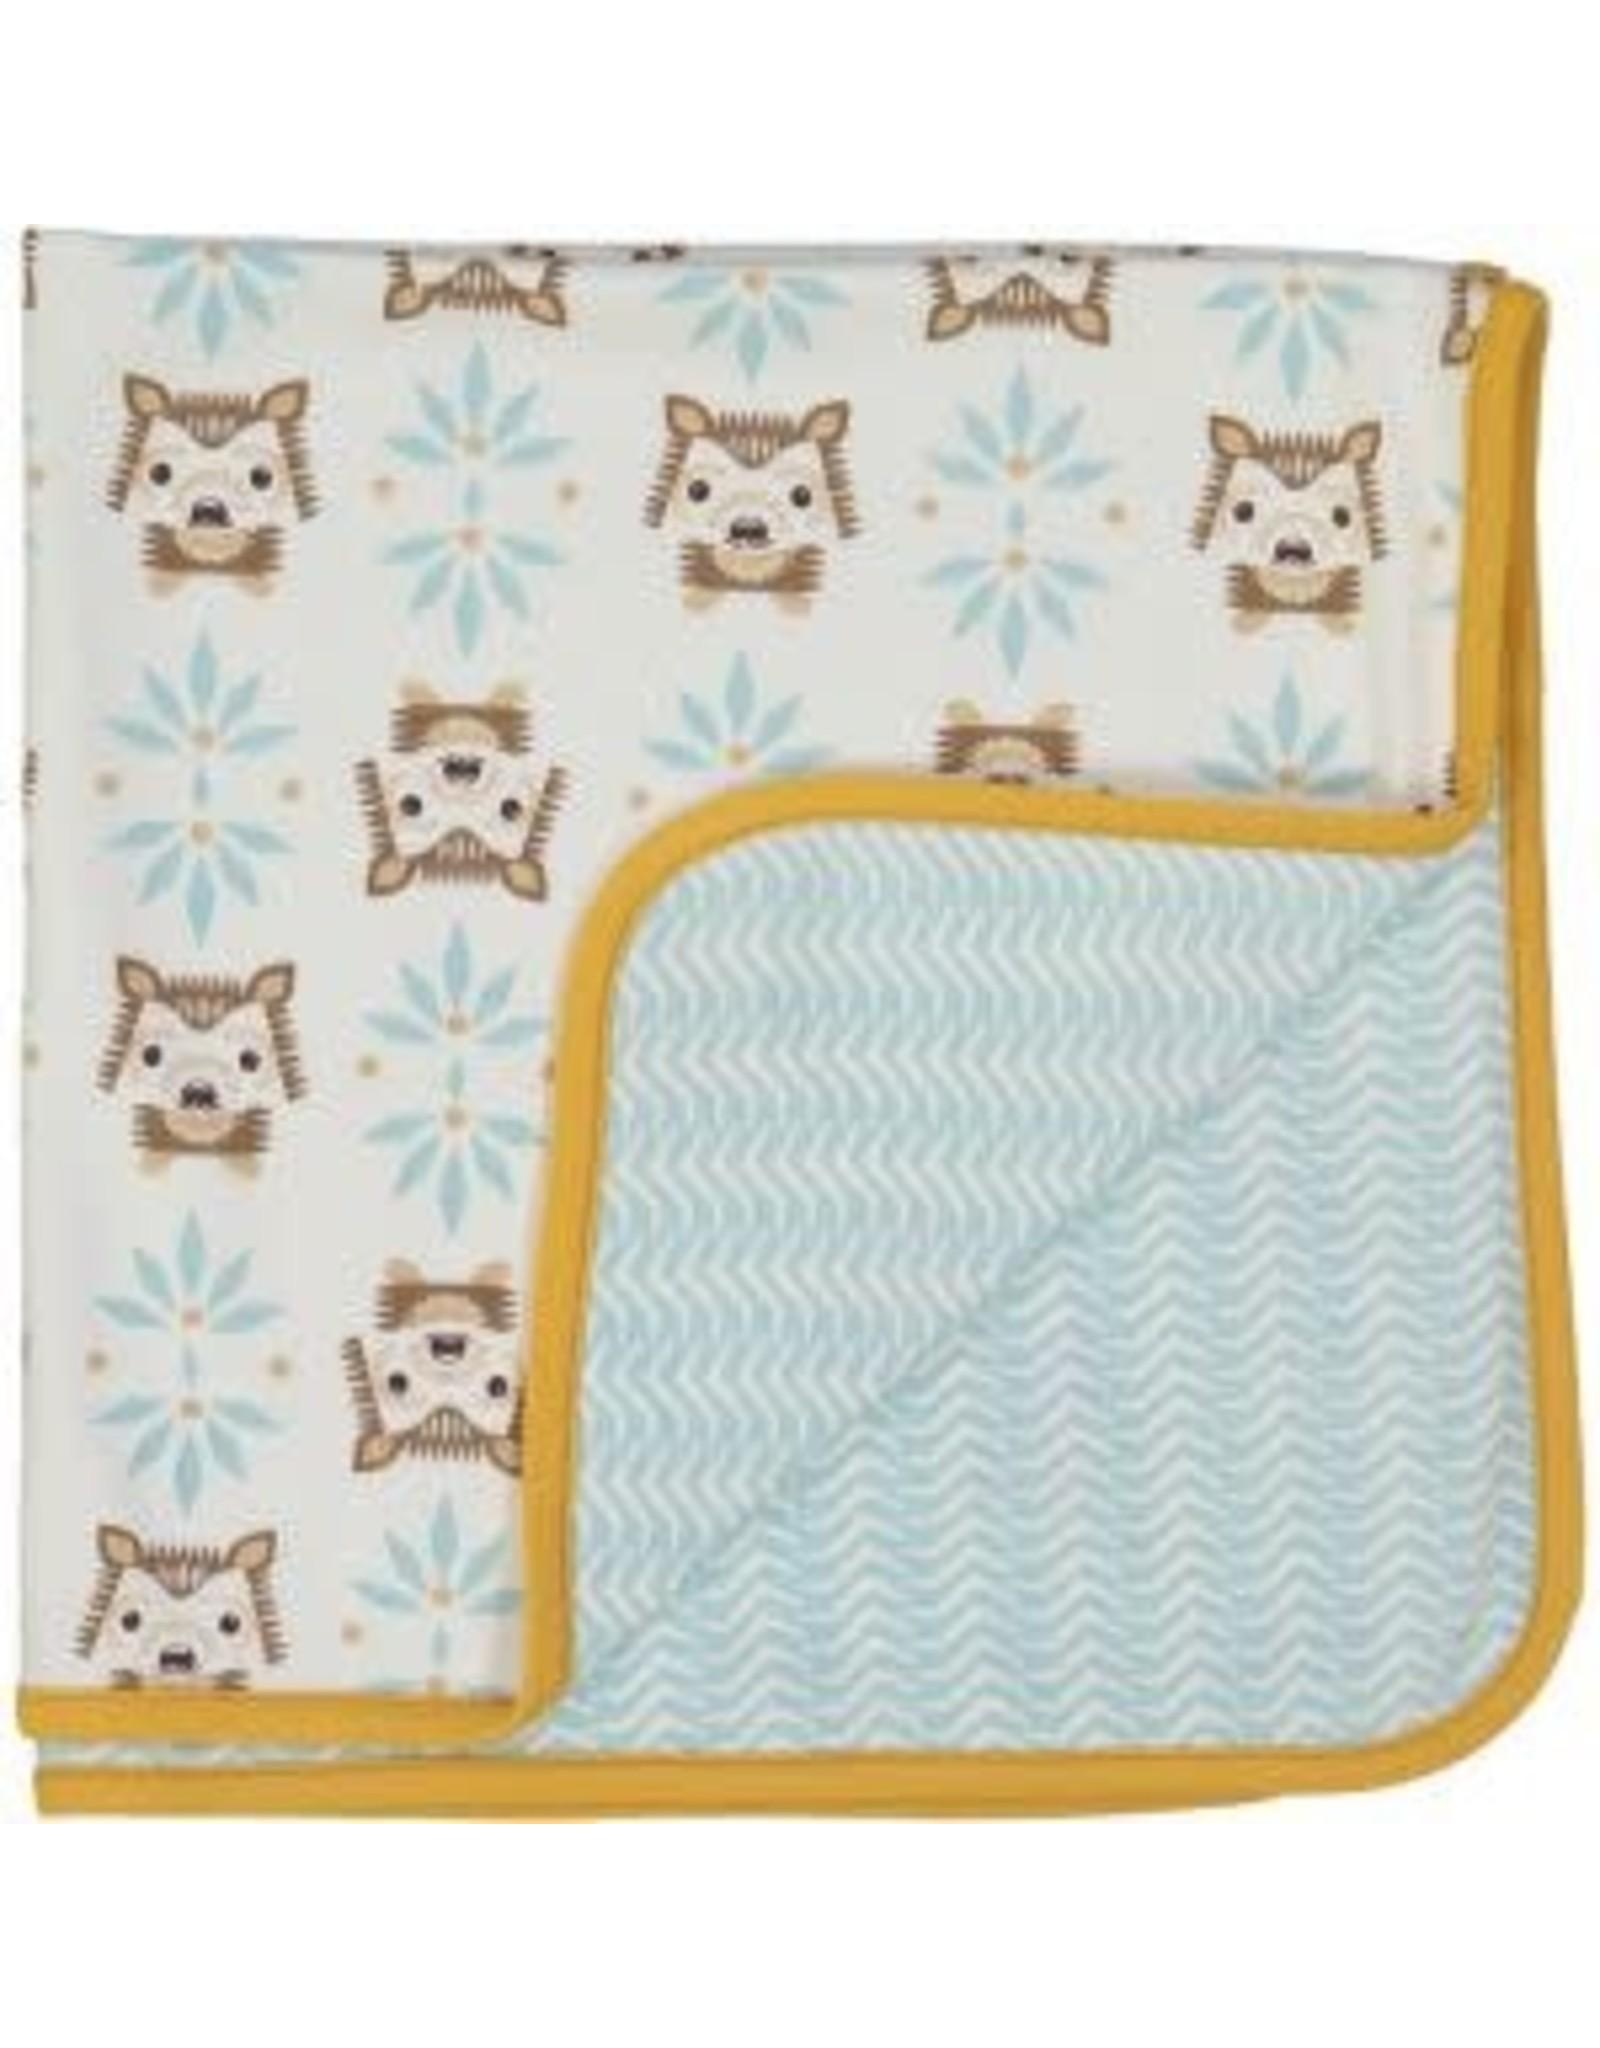 Coq en Pate Blanket Hedgehog